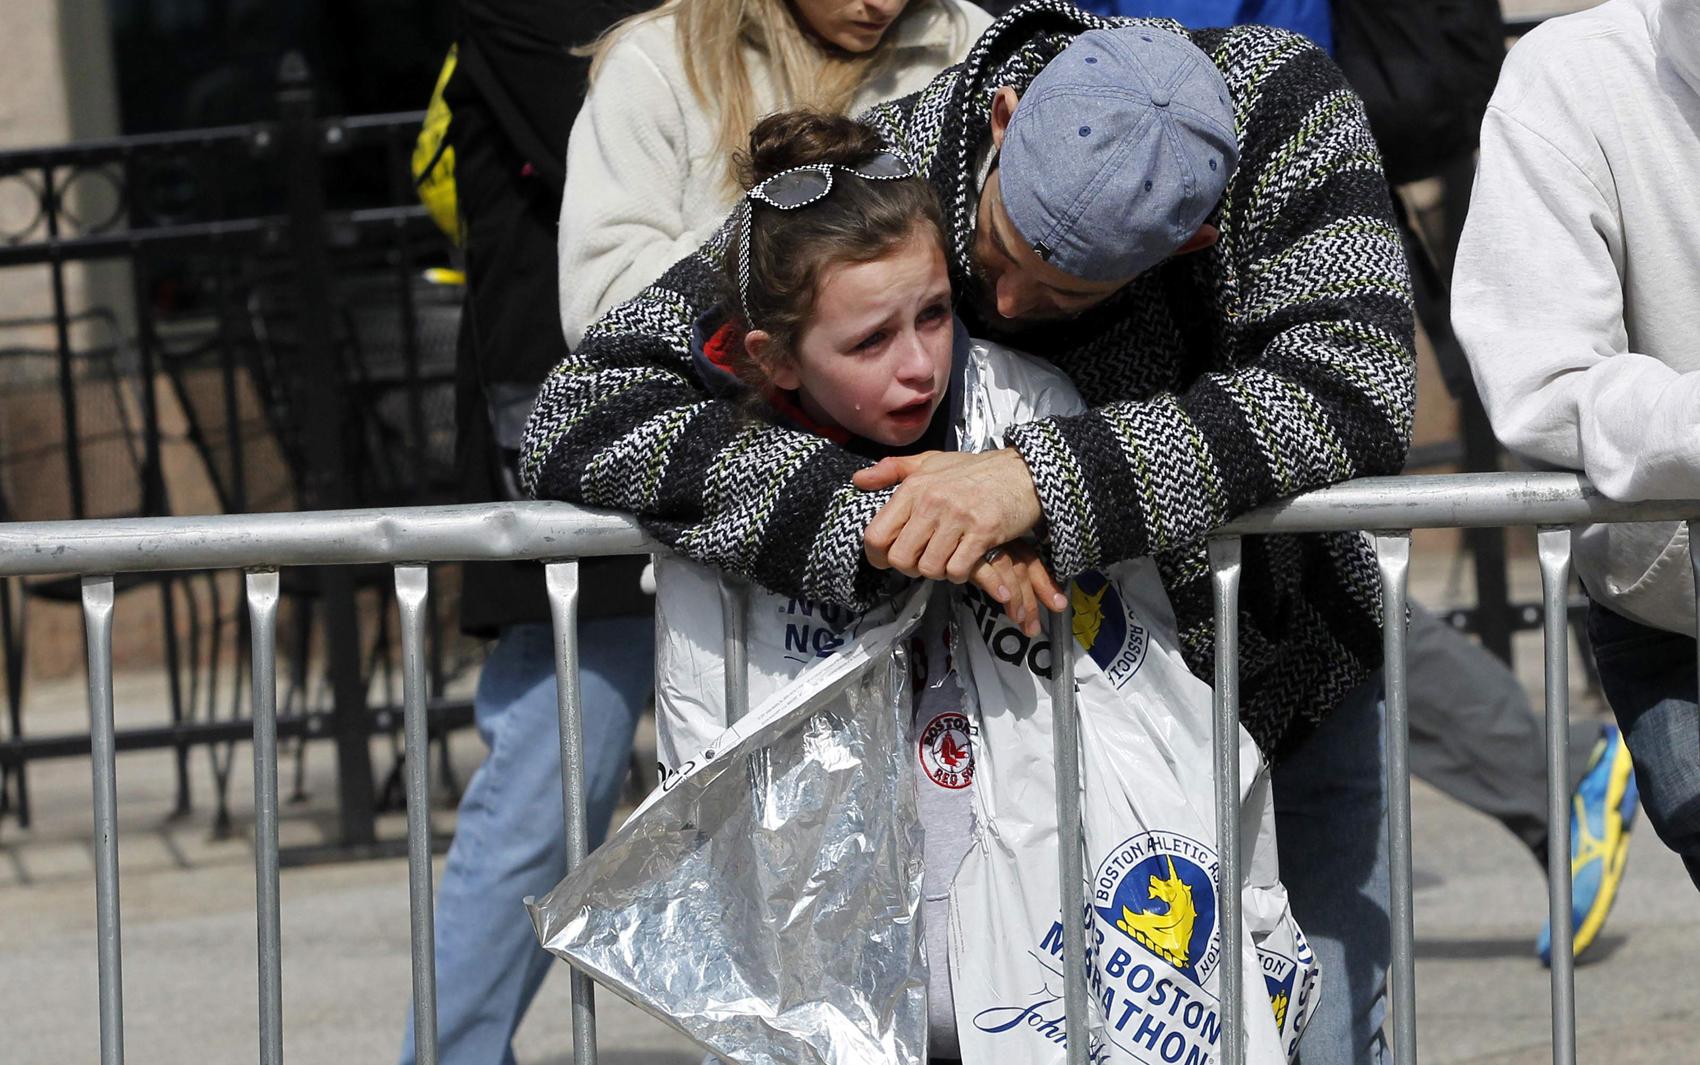 Garota é consolada ao acompanhar o resgate dos feridos na explosão em Boston.